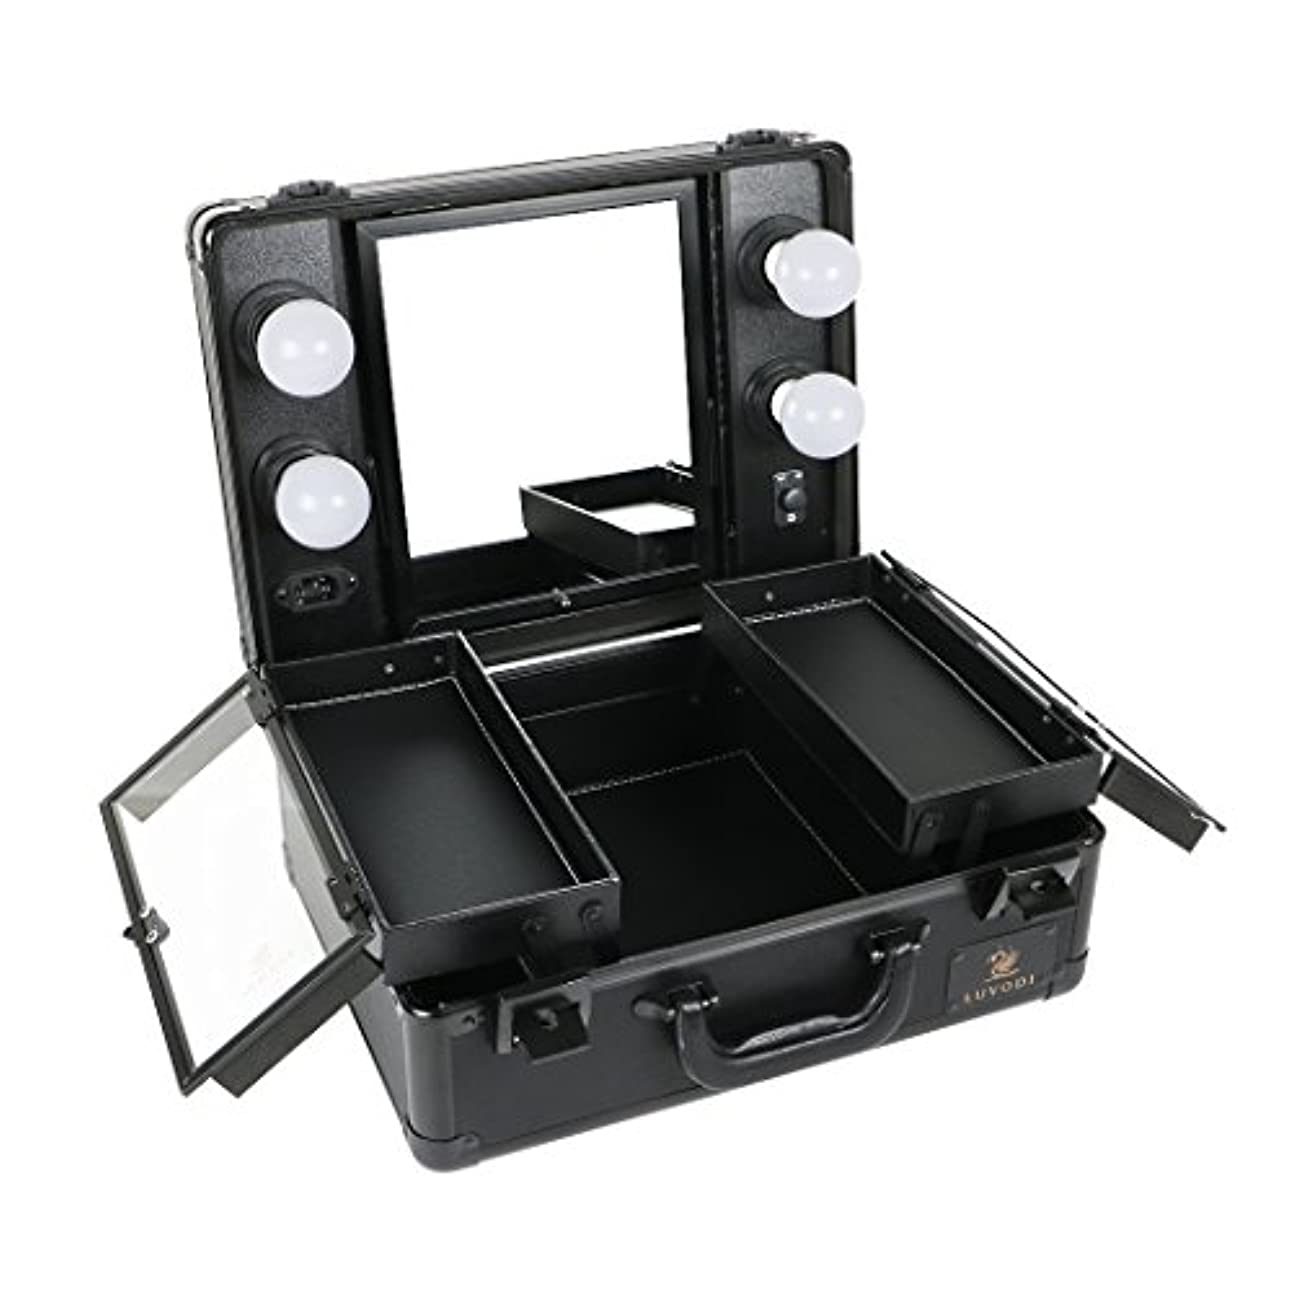 推進、動かす脳強制的LUVODI メイクボックス プロ用 鏡付き コスメ収納ケース 大容量 ハリウッドミラー LED ライト 電球付き 卓上 ドレッサー 鏡面/明るさ調整可能 鍵付き 持ち運び おしゃれ 35*54*23cm(黒)